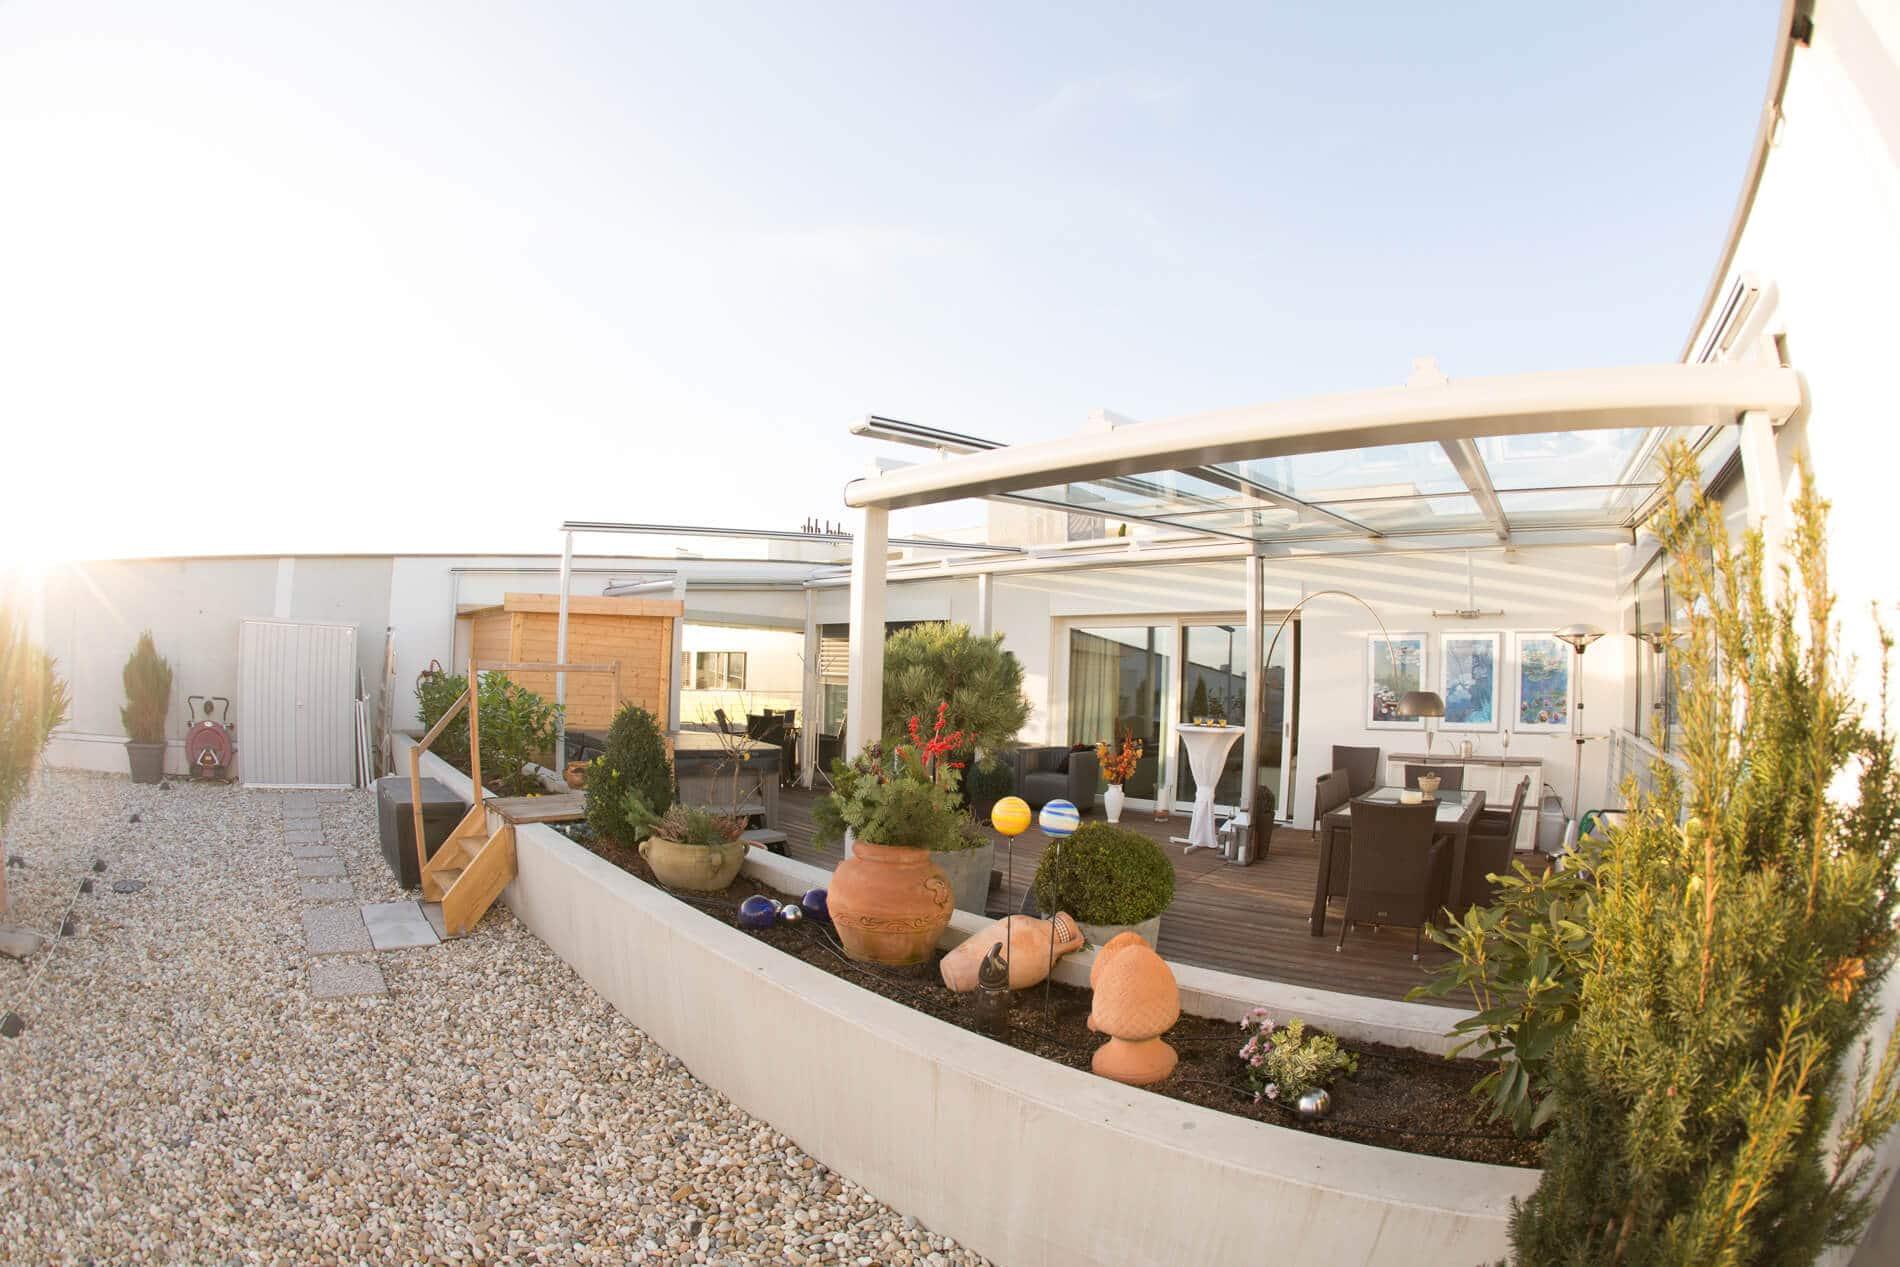 Ausgezeichnet Ideen Terrassenüberdachung Bilder Schlafzimmer ausgezeichnet ideen terrassenüberdachung bilder schlafzimmer ideen